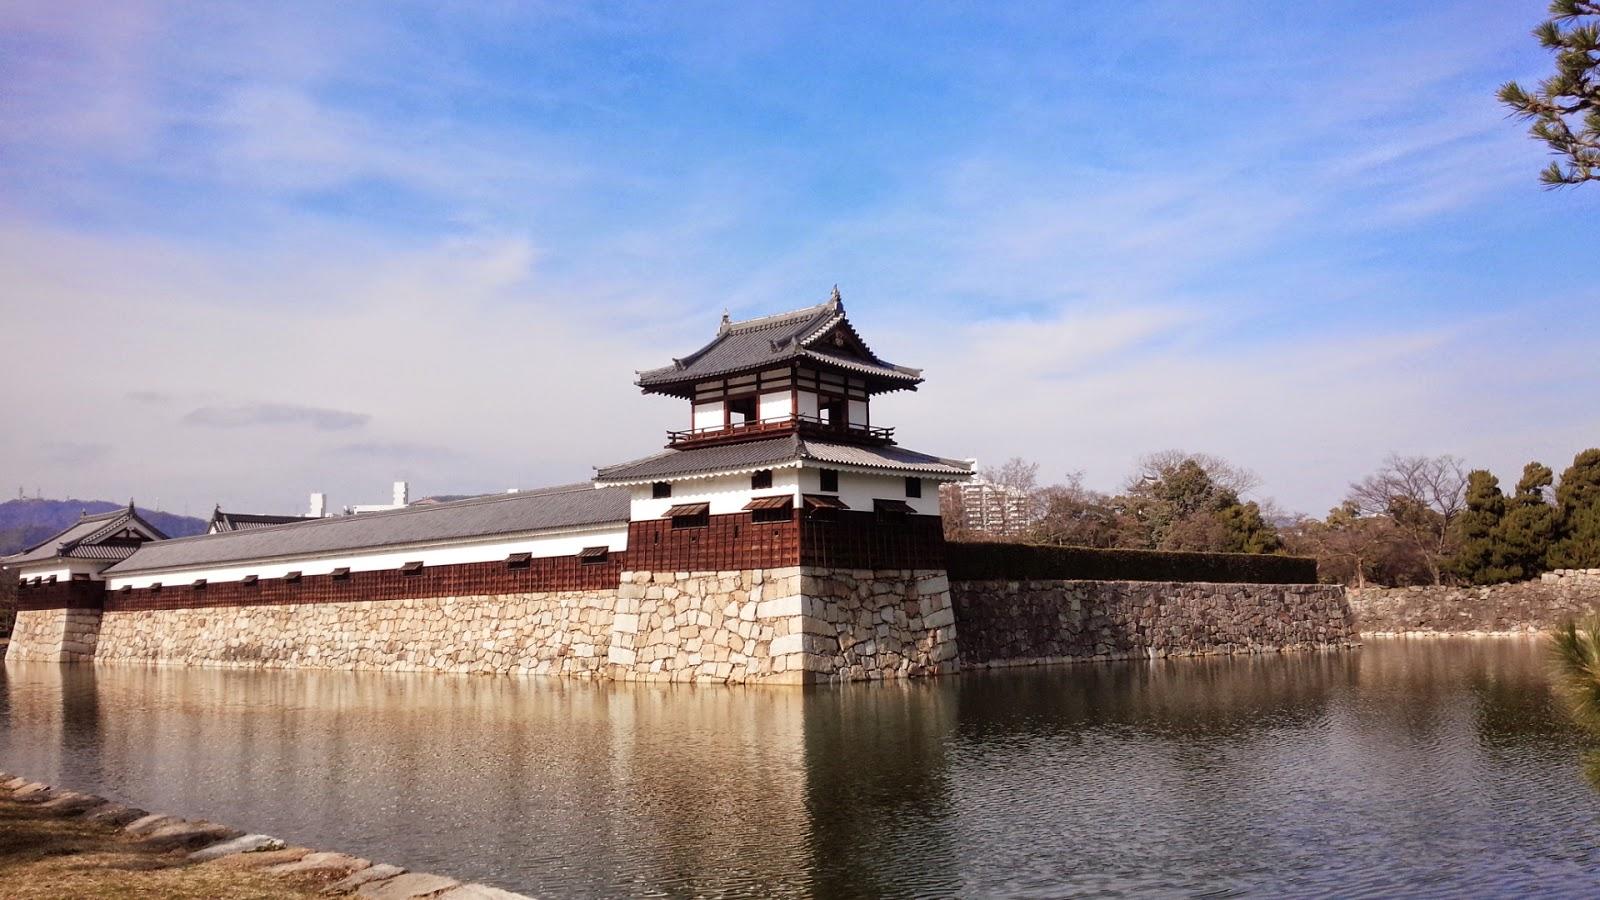 広島城の堀と櫓